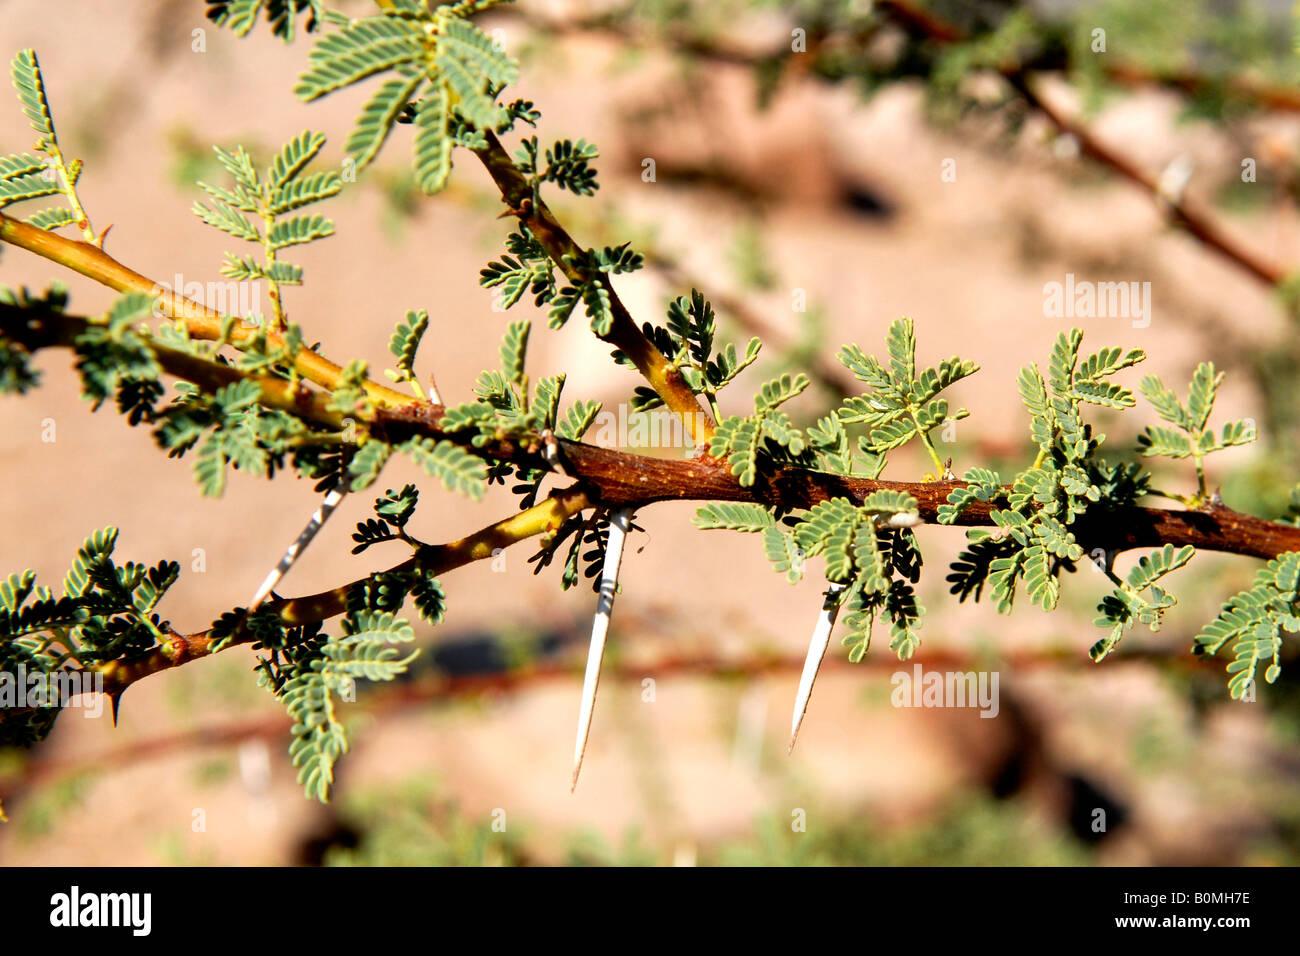 Di timna valley park , nel deserto del Negev , acacia dettaglio con foglie e con le spine del deserto Immagini Stock